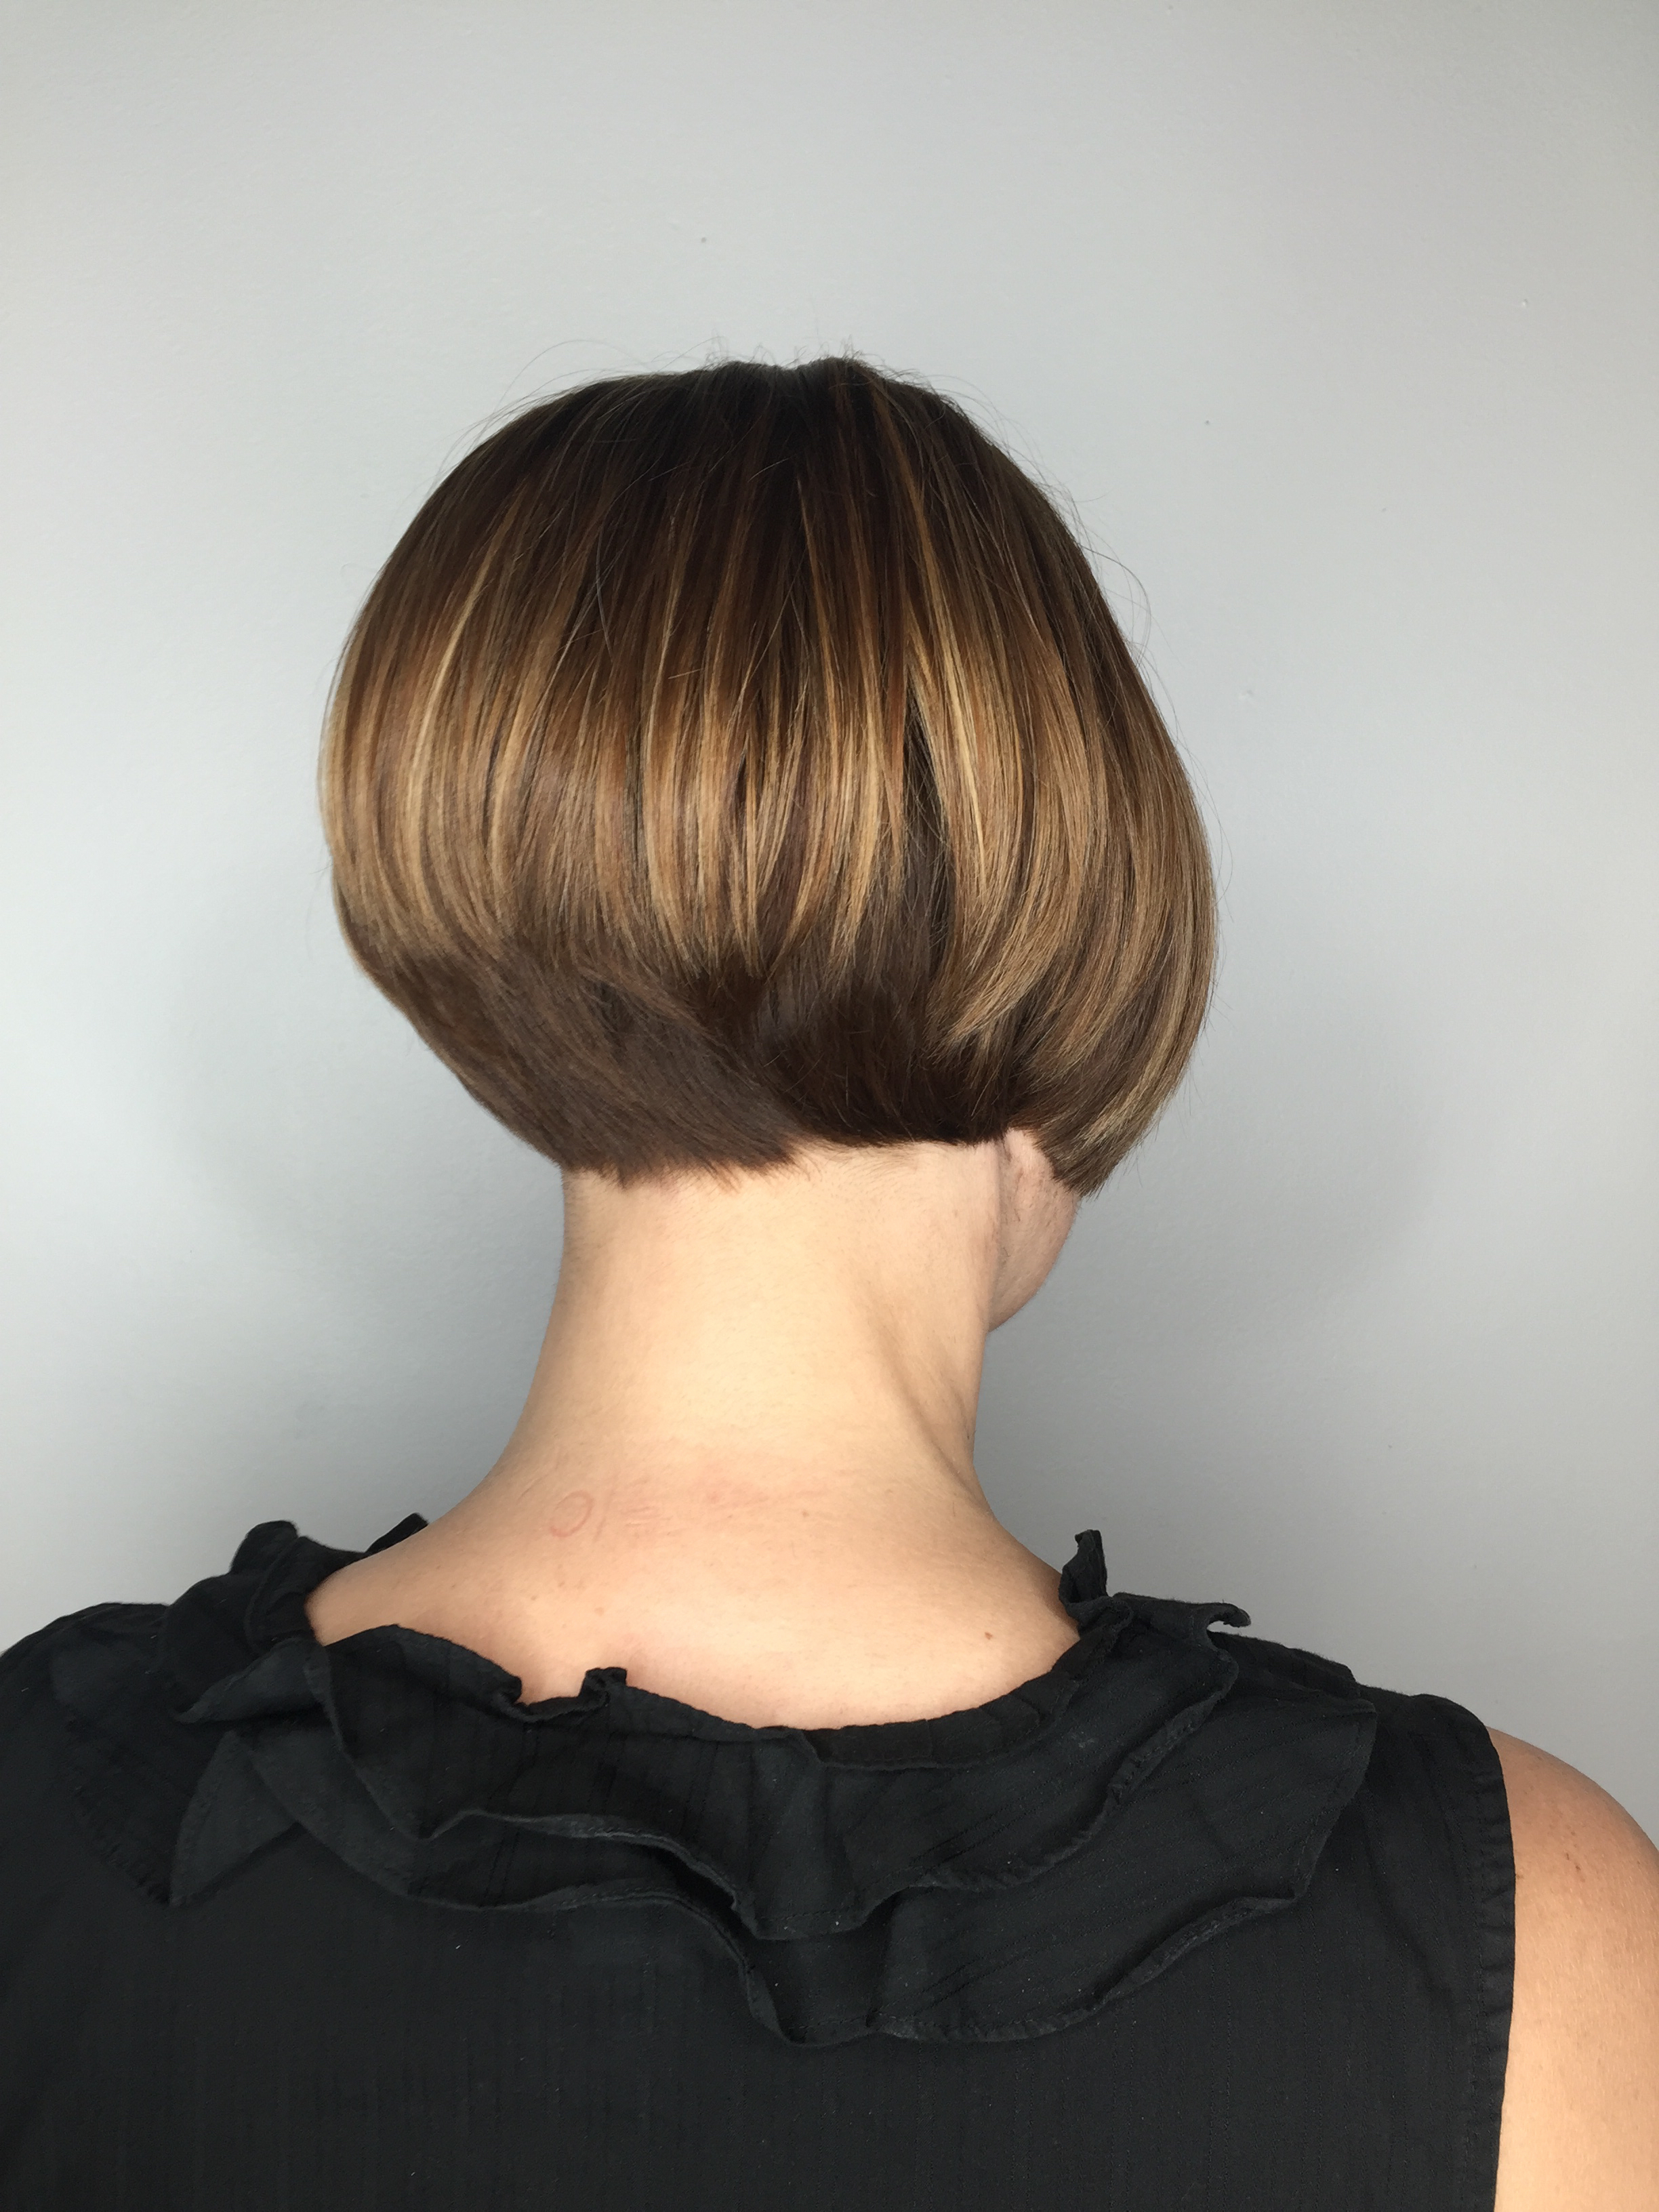 How To Cut A Triangular Graduation Haircut By Emil Kleinfeller Mhd